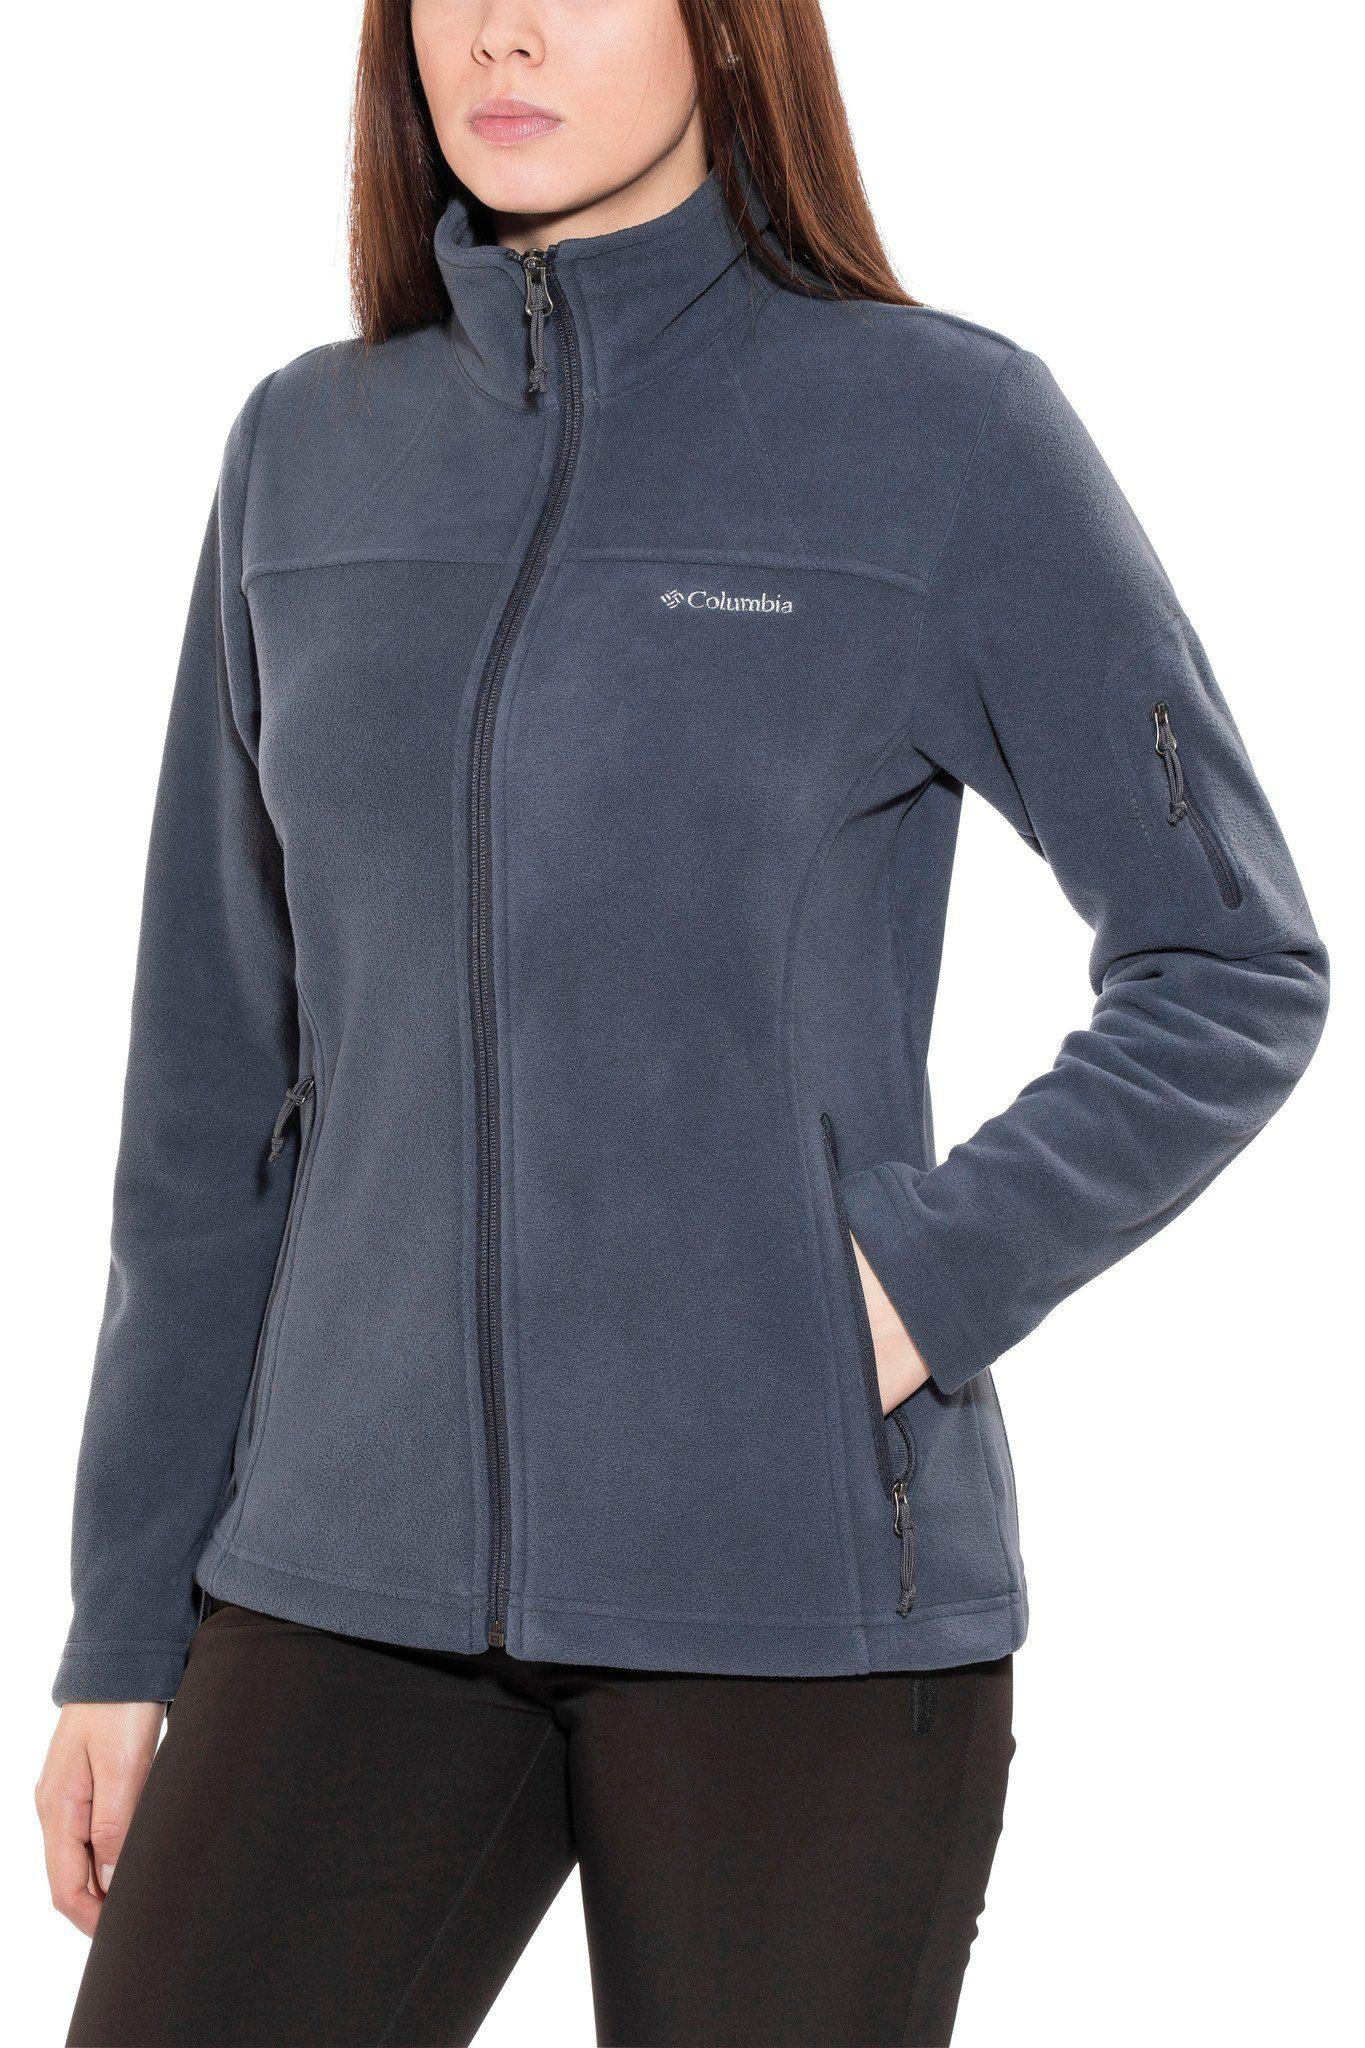 Columbia Outdoorjacke »Fast Trek II Jacket Women«